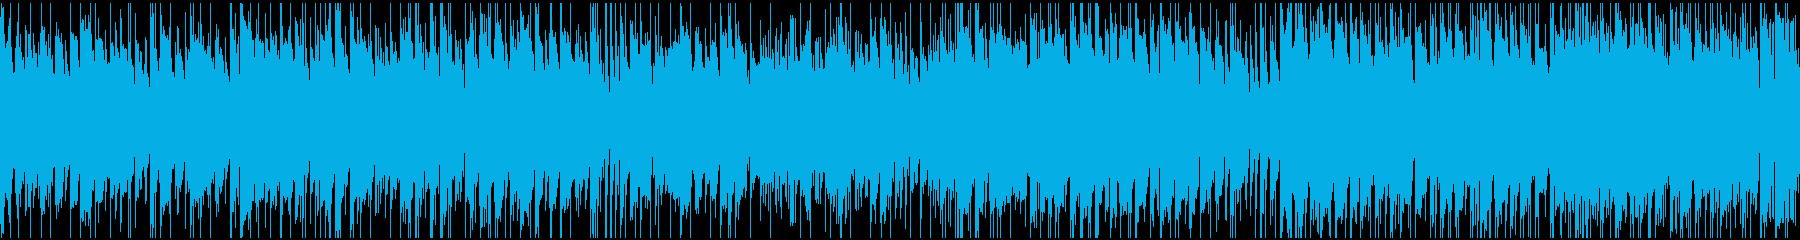 爽やかなアコギポップ・ループ仕様の再生済みの波形